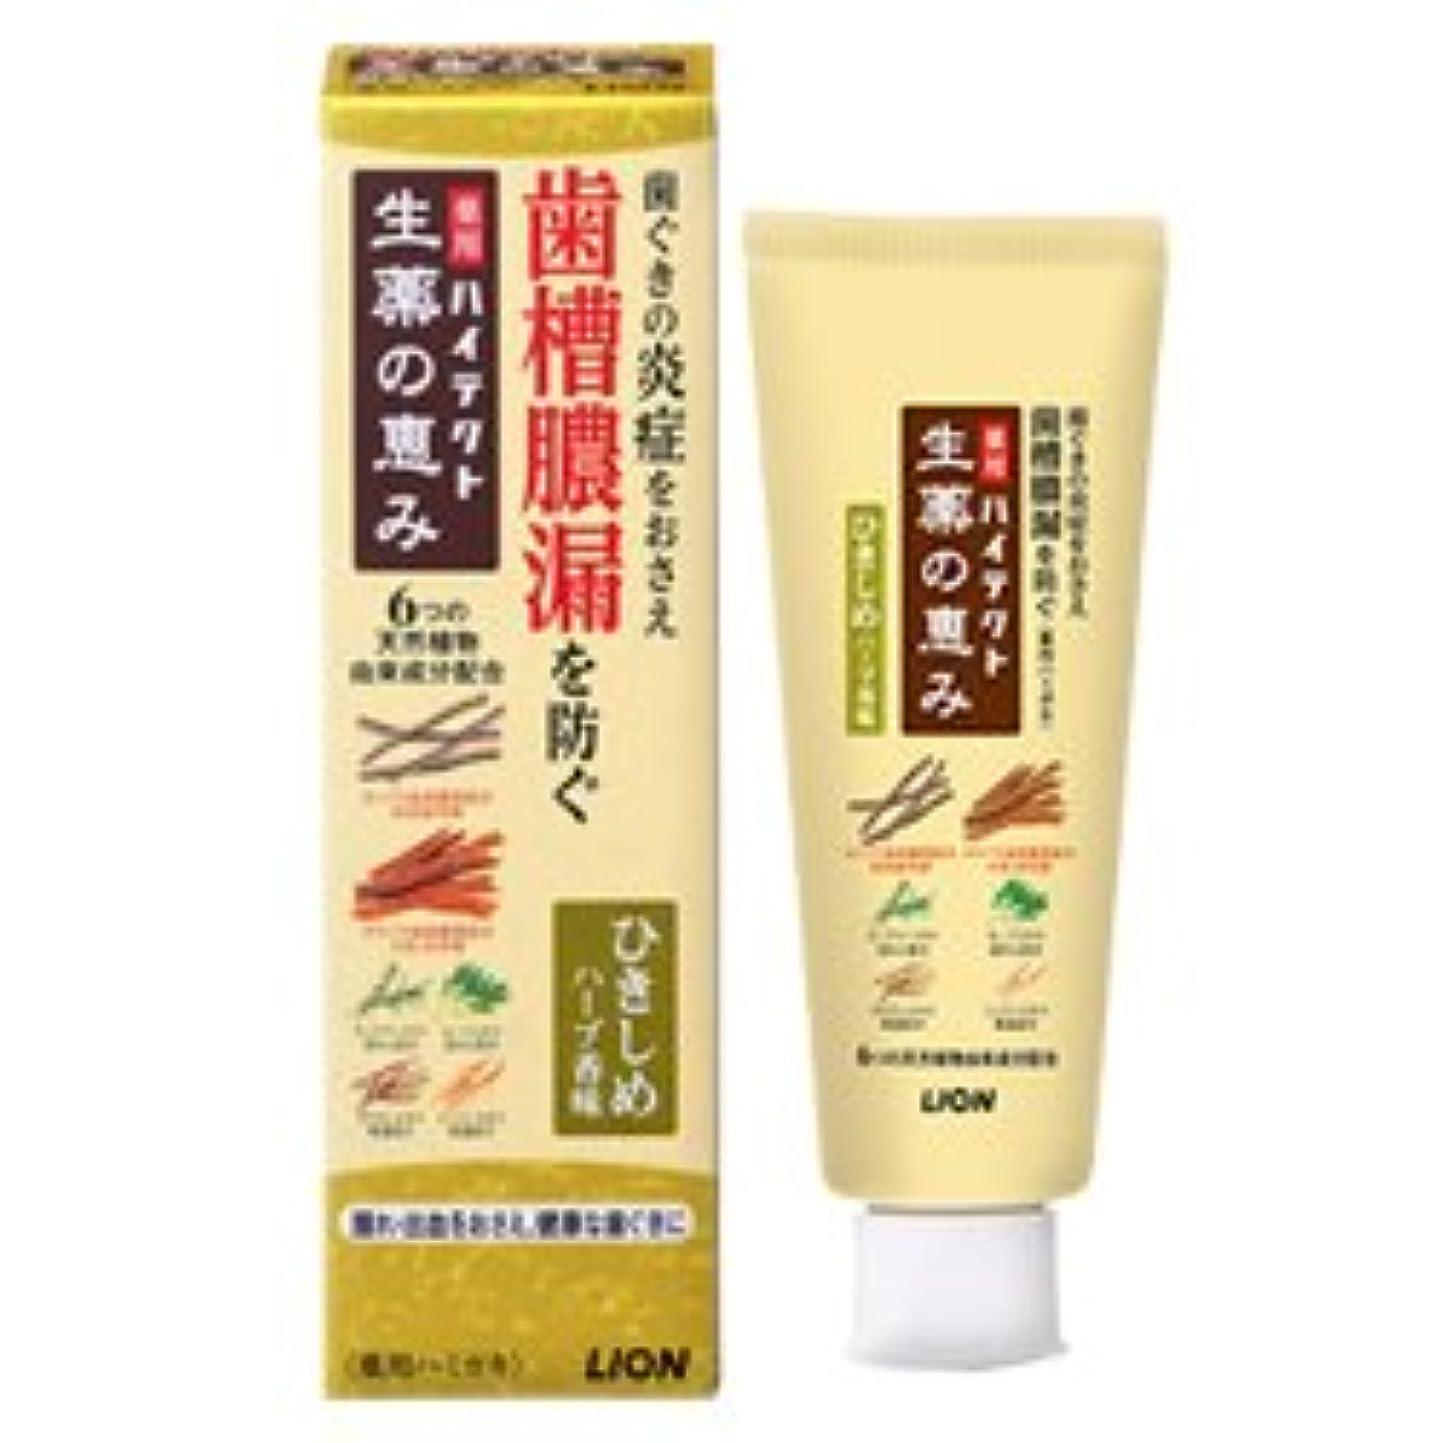 ビヨンクレデンシャル社会【ライオン】ハイテクト 生薬の恵み ひきしめハーブ香味90g×5個セット